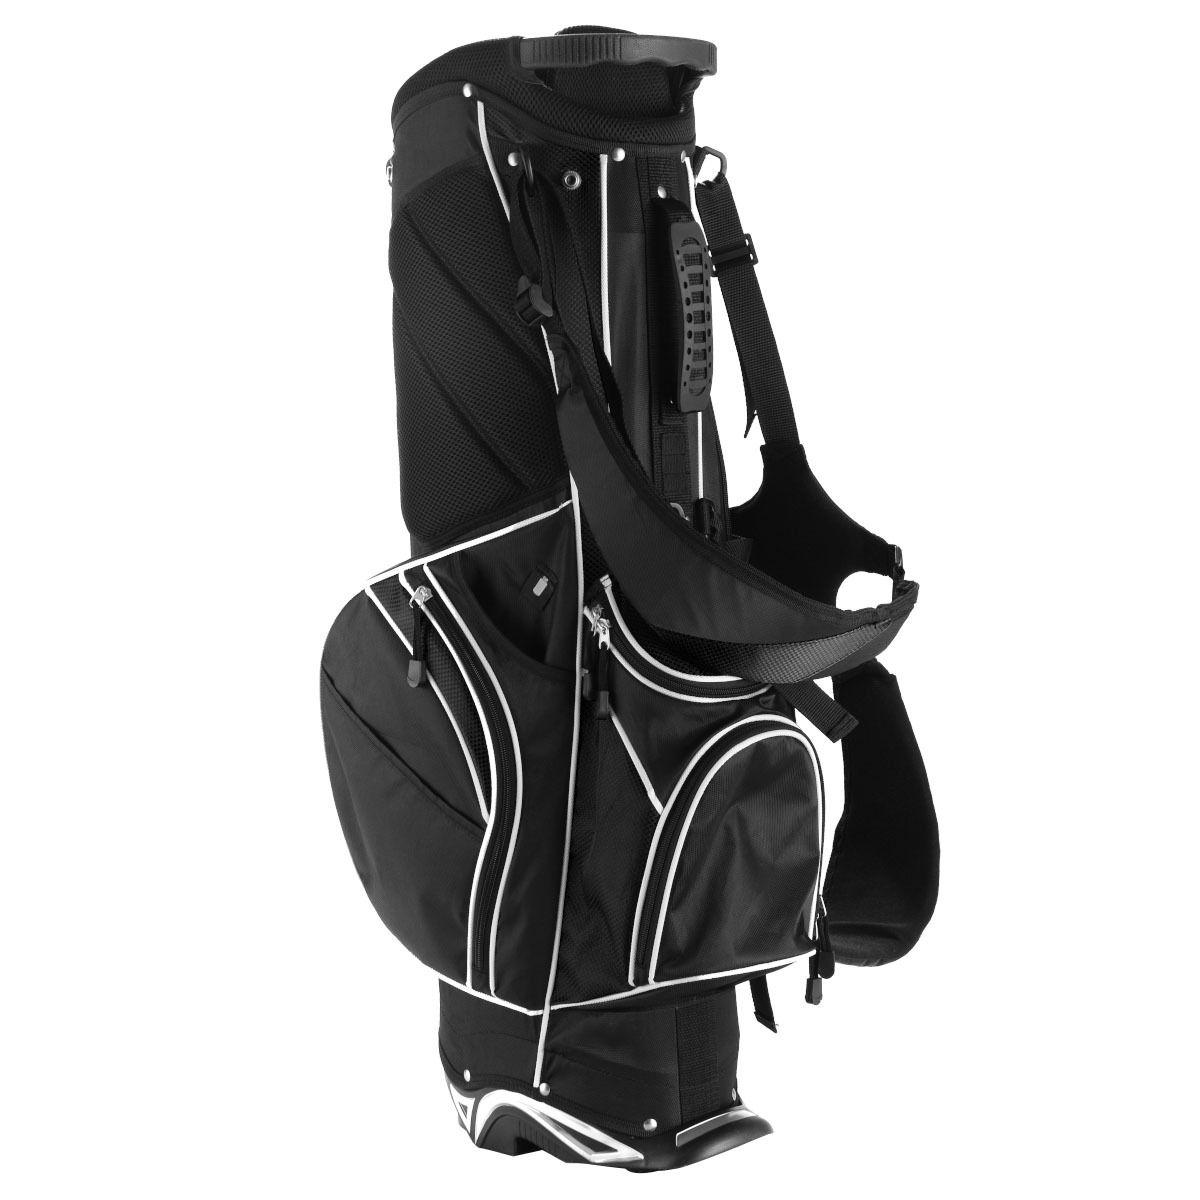 Golf Stand Cart Bag w/ 6 Way Divider Carry Pockets